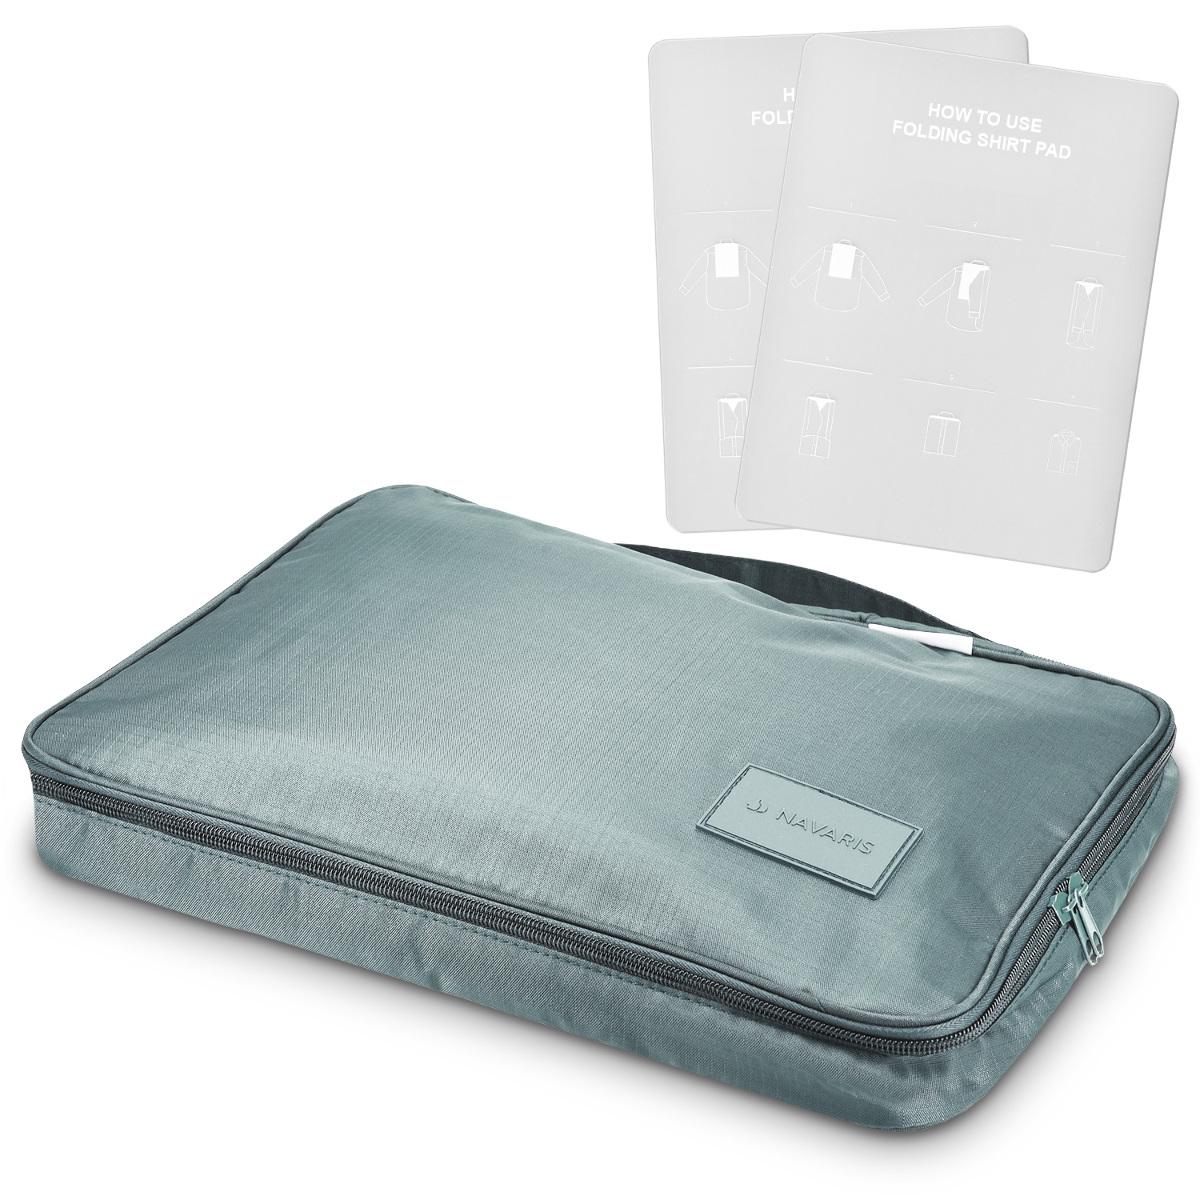 Organizador-de-viaje-para-camisas-con-plegador-bolso-para-maleta